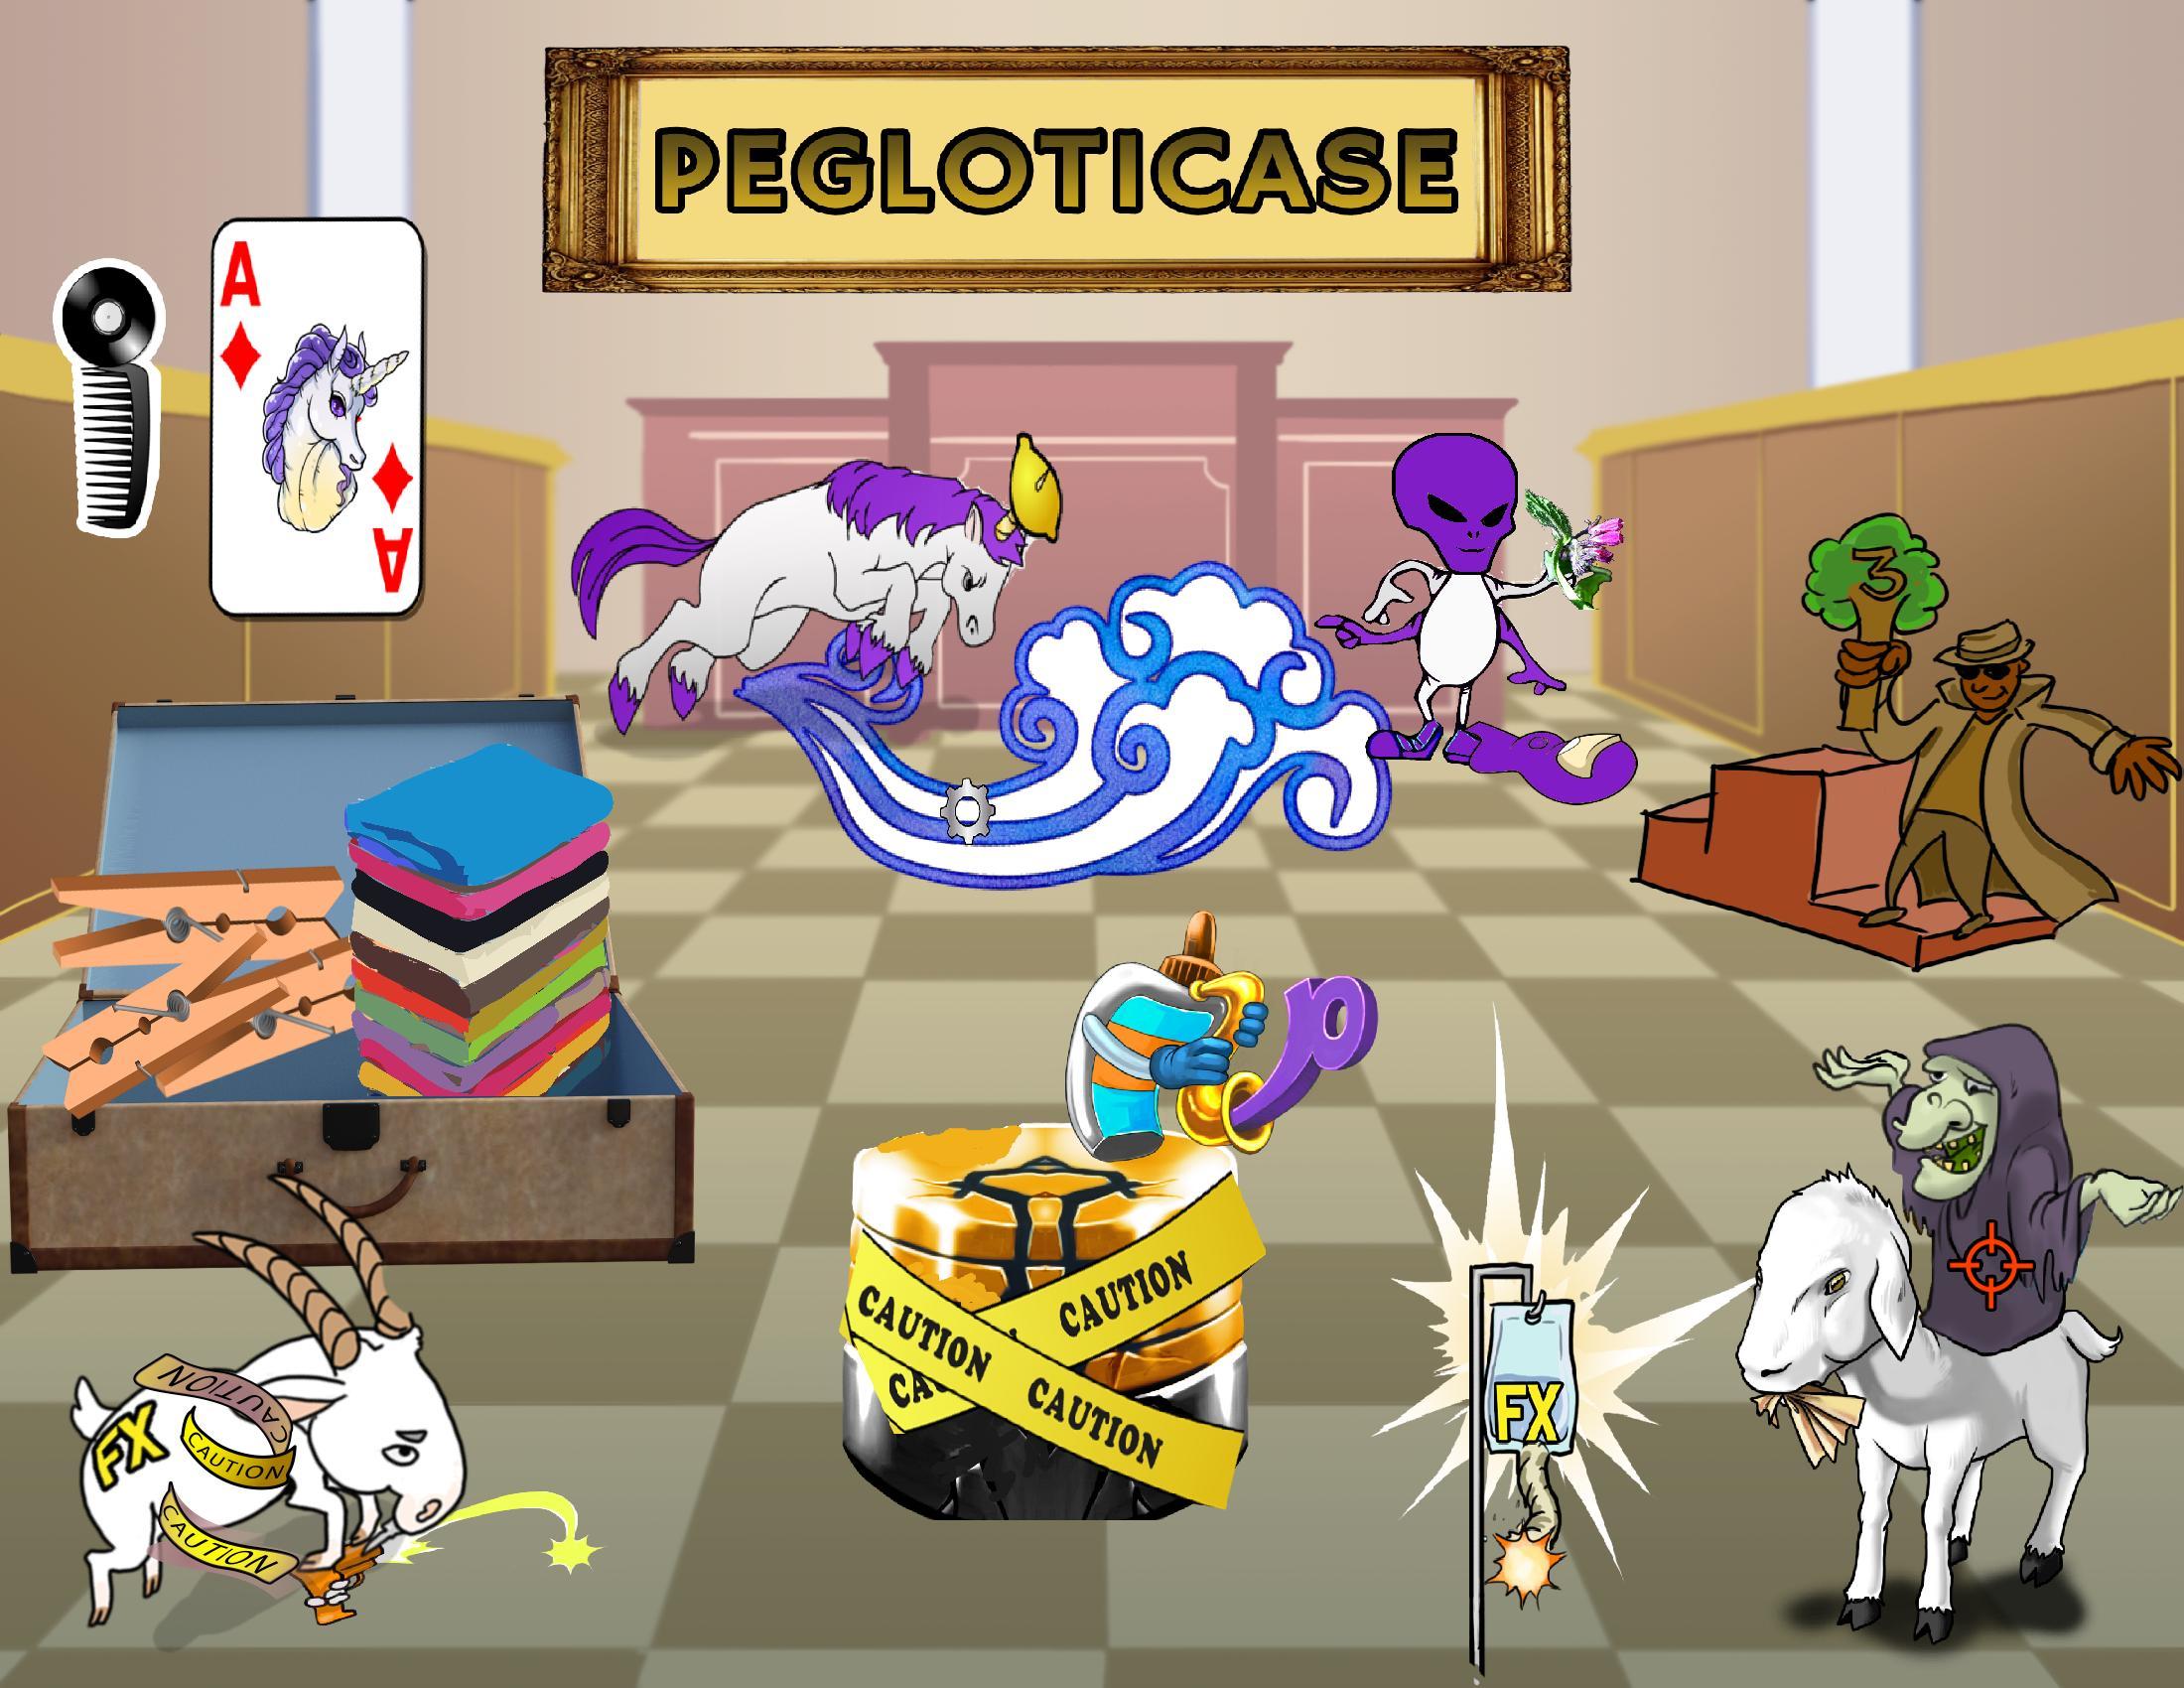 Pegloticase